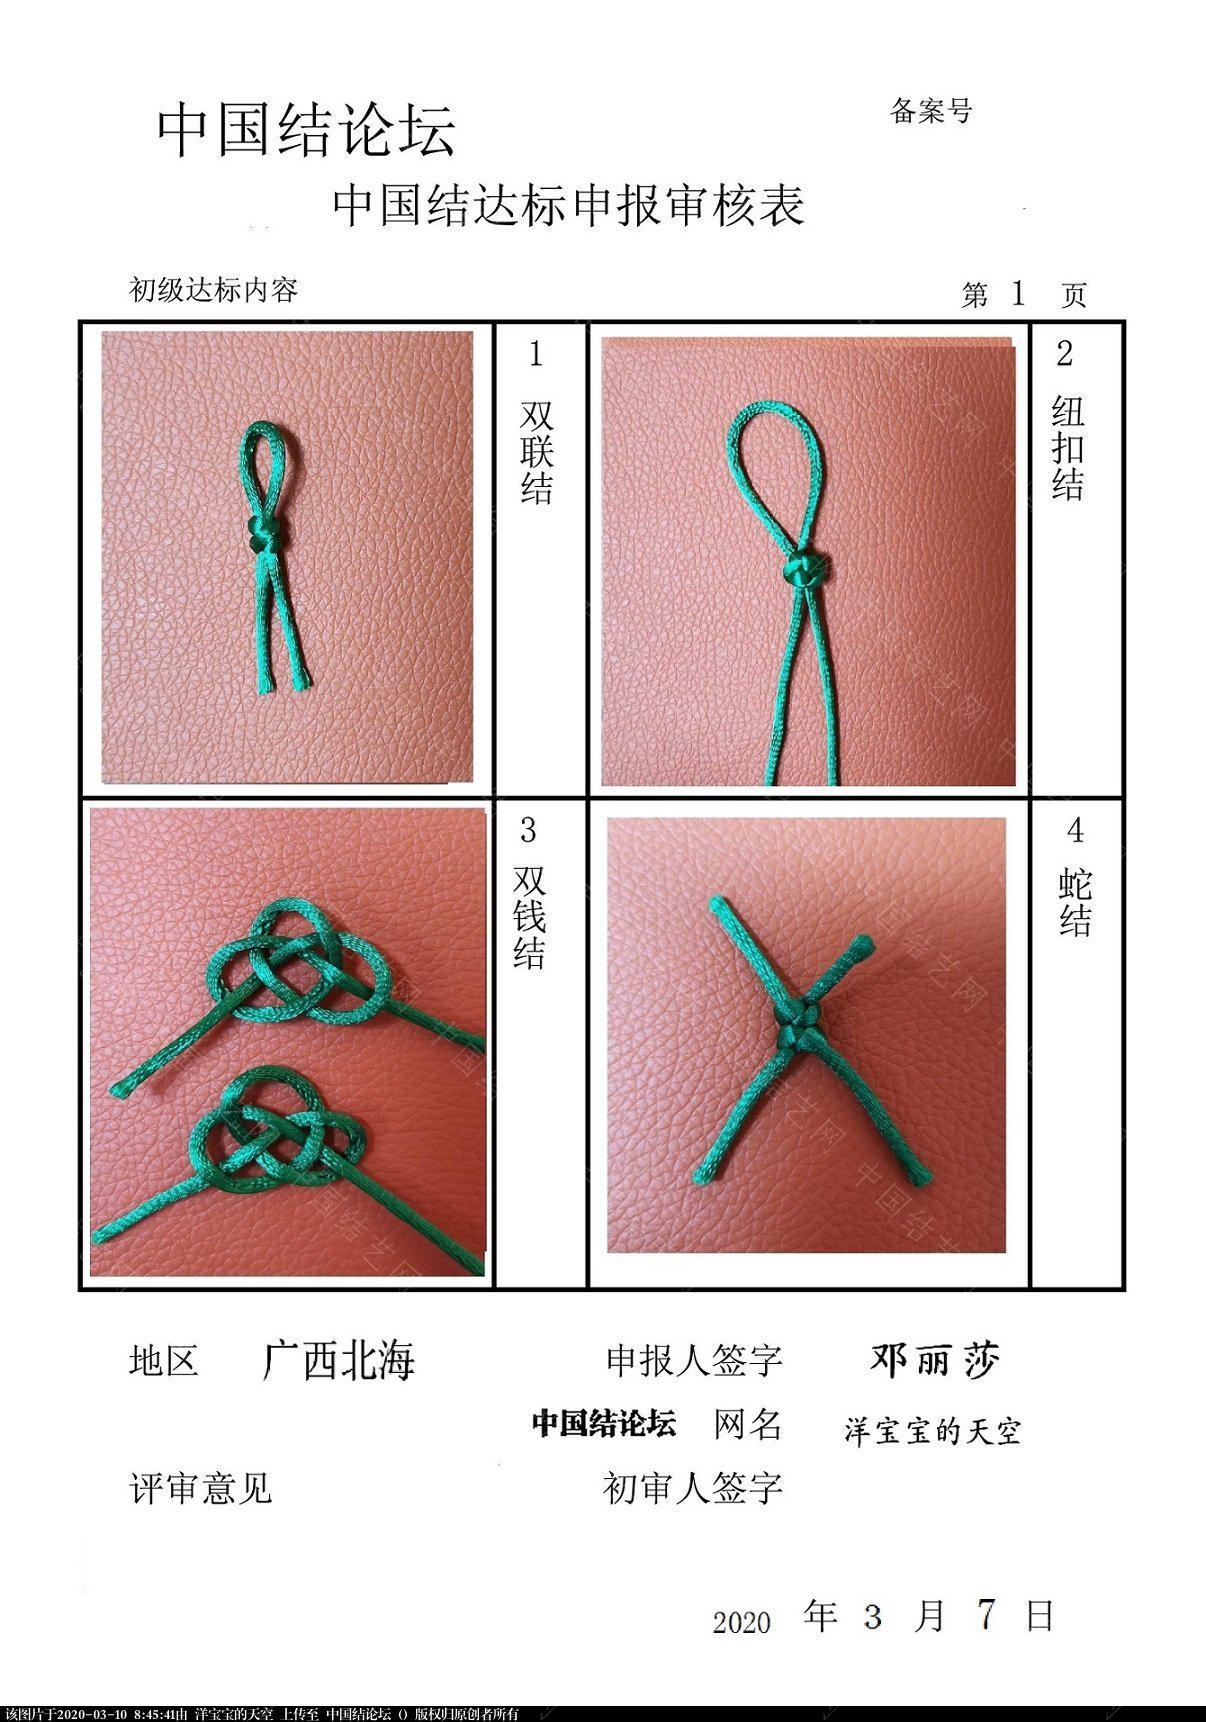 中国结论坛 洋宝宝的天空---初级稿件请老师们审核(修改)  中国绳结艺术分级达标审核 084054x6sbb1iibmhh7i16